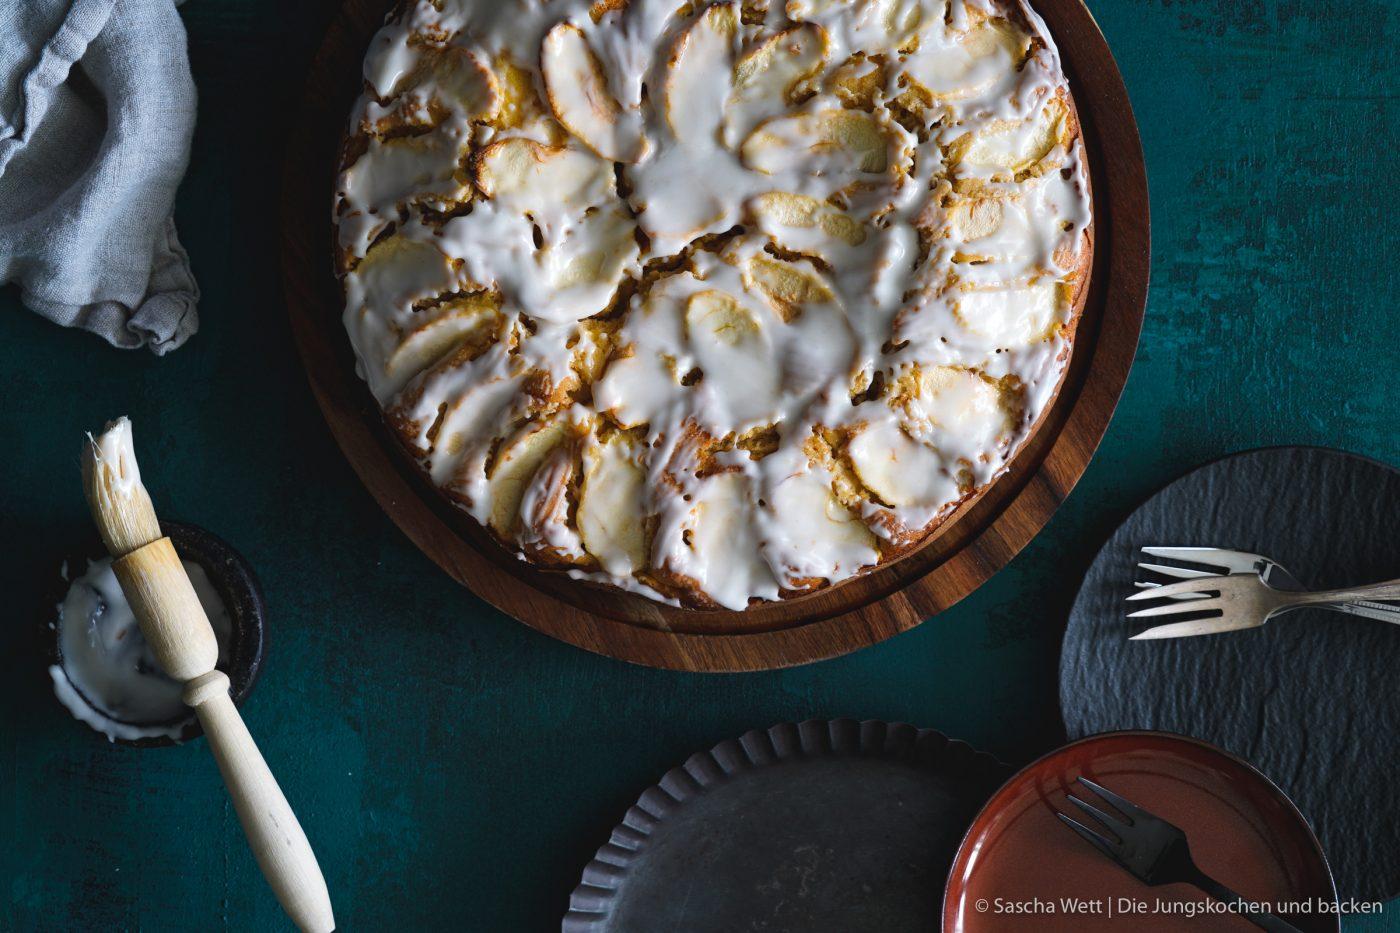 Calvados Apfelkuchen 1 | Wir haben uns gedacht, dass wir euch heute einmal wieder einen neuen Kuchen zeigen müssen. Für dieses Prachtstück haben wir sogar eine kleine Odyssee hinter uns, Aber jetzt kennen wir auch die kleinen versteckten Ecken Frankreichs. Für einen leckeren Apfelkuchen mit Calvados nimmt man sowas aber doch gerne auf sich. Oder was meint ihr?